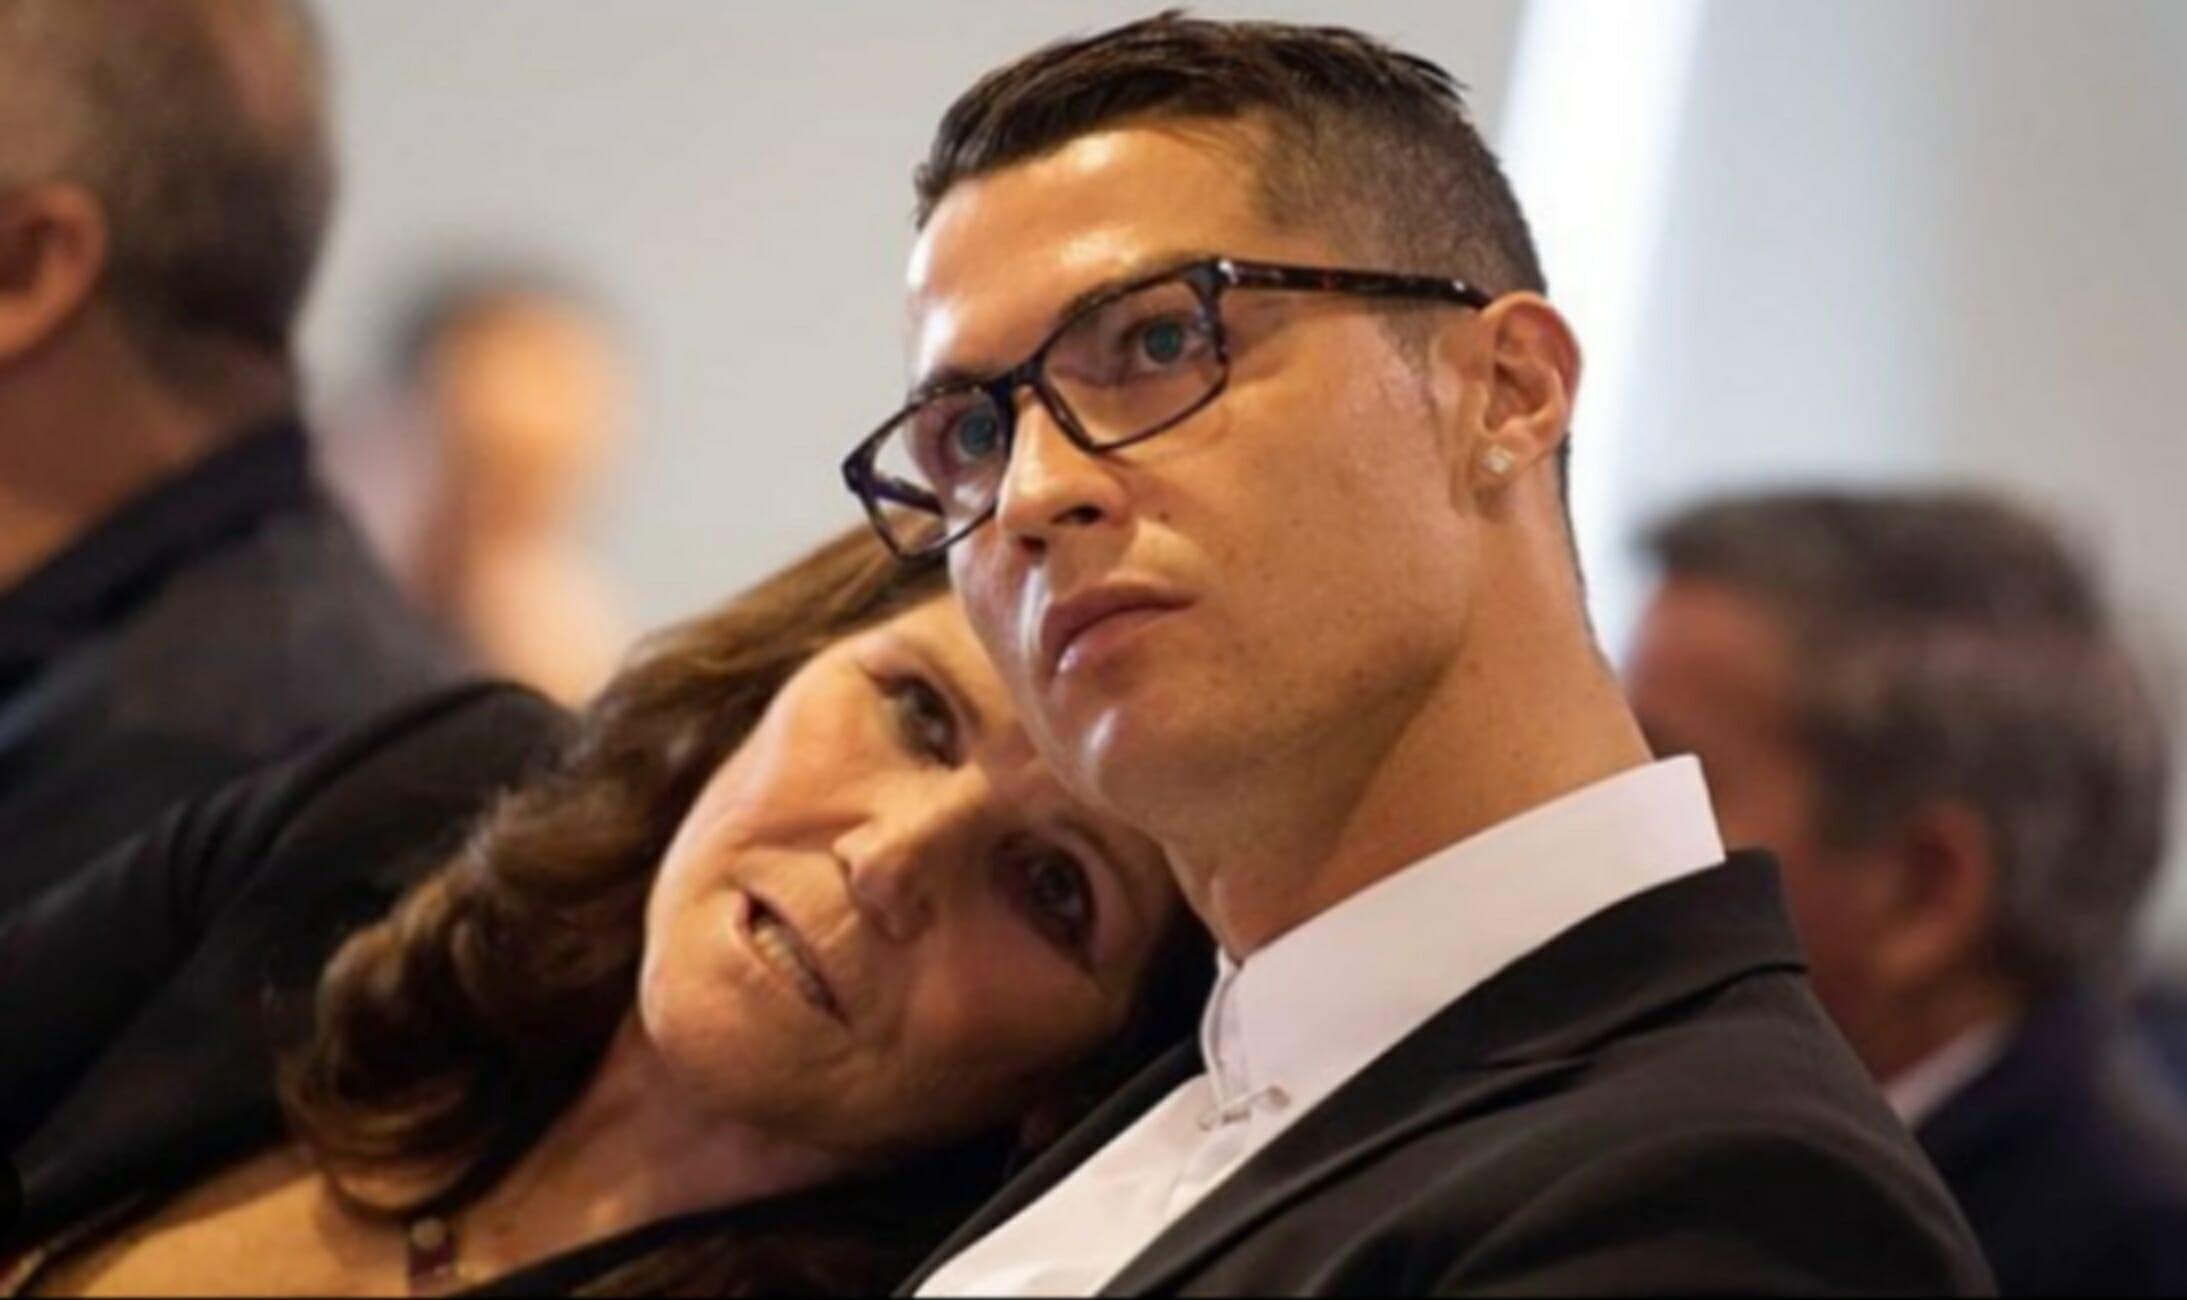 Μητέρα Κριστιάνο Ρονάλντο: «Γιε μου, πριν πεθάνω θέλω να σε δω να επιστρέφεις στη Σπόρτινγκ Λισαβόνας»